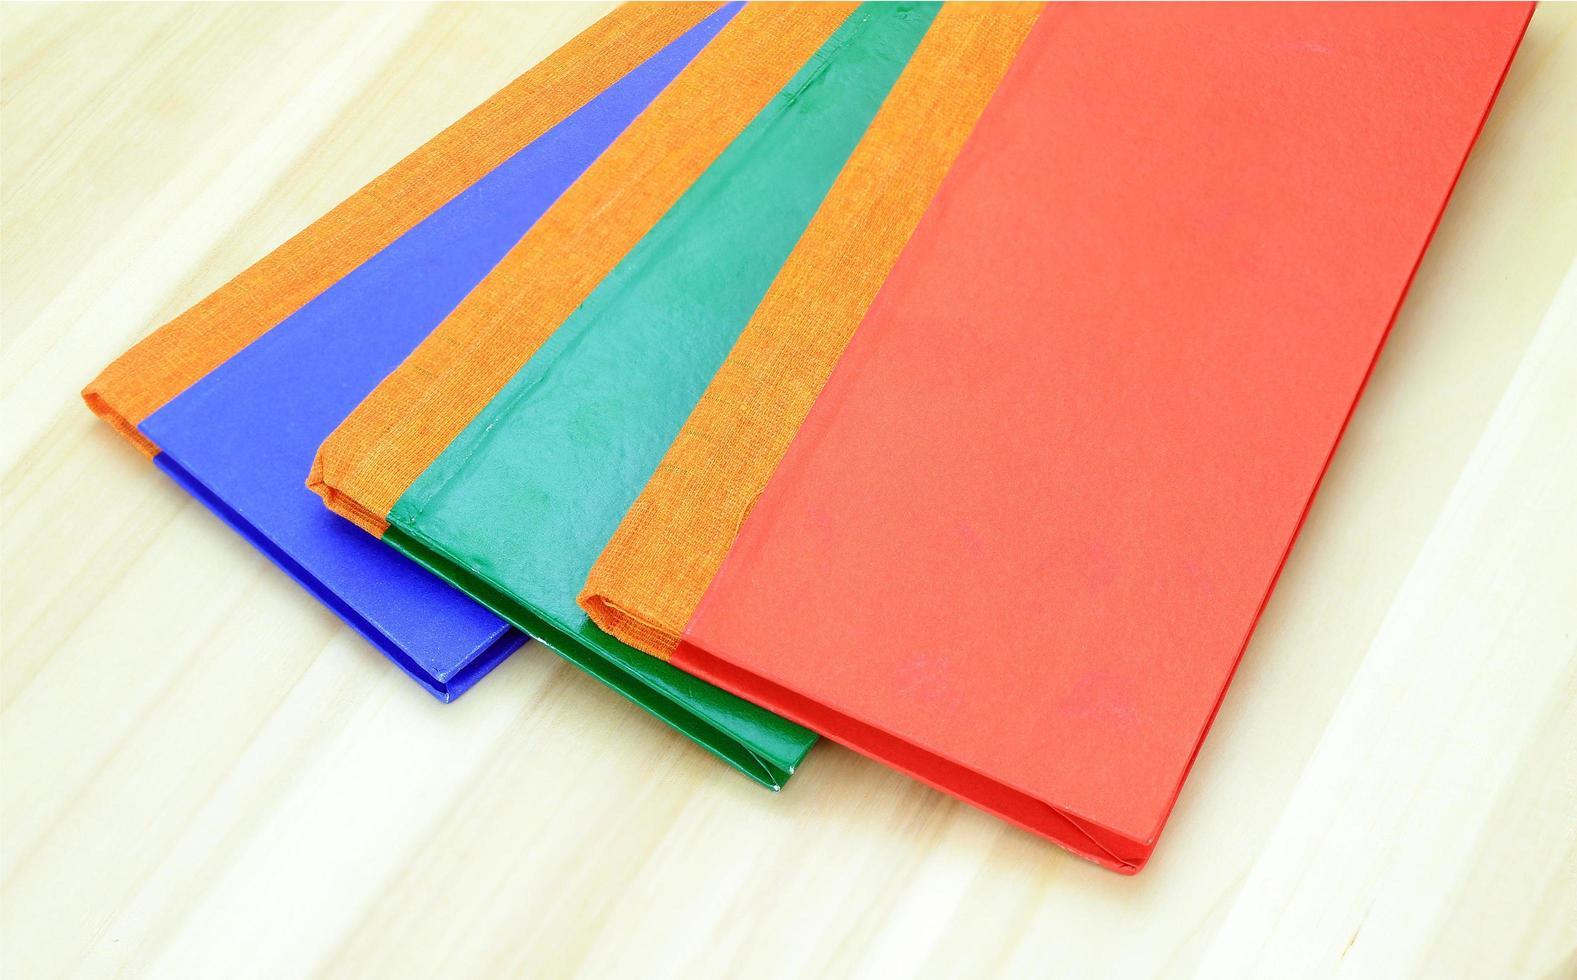 bunte Notizbücher auf Holz foto